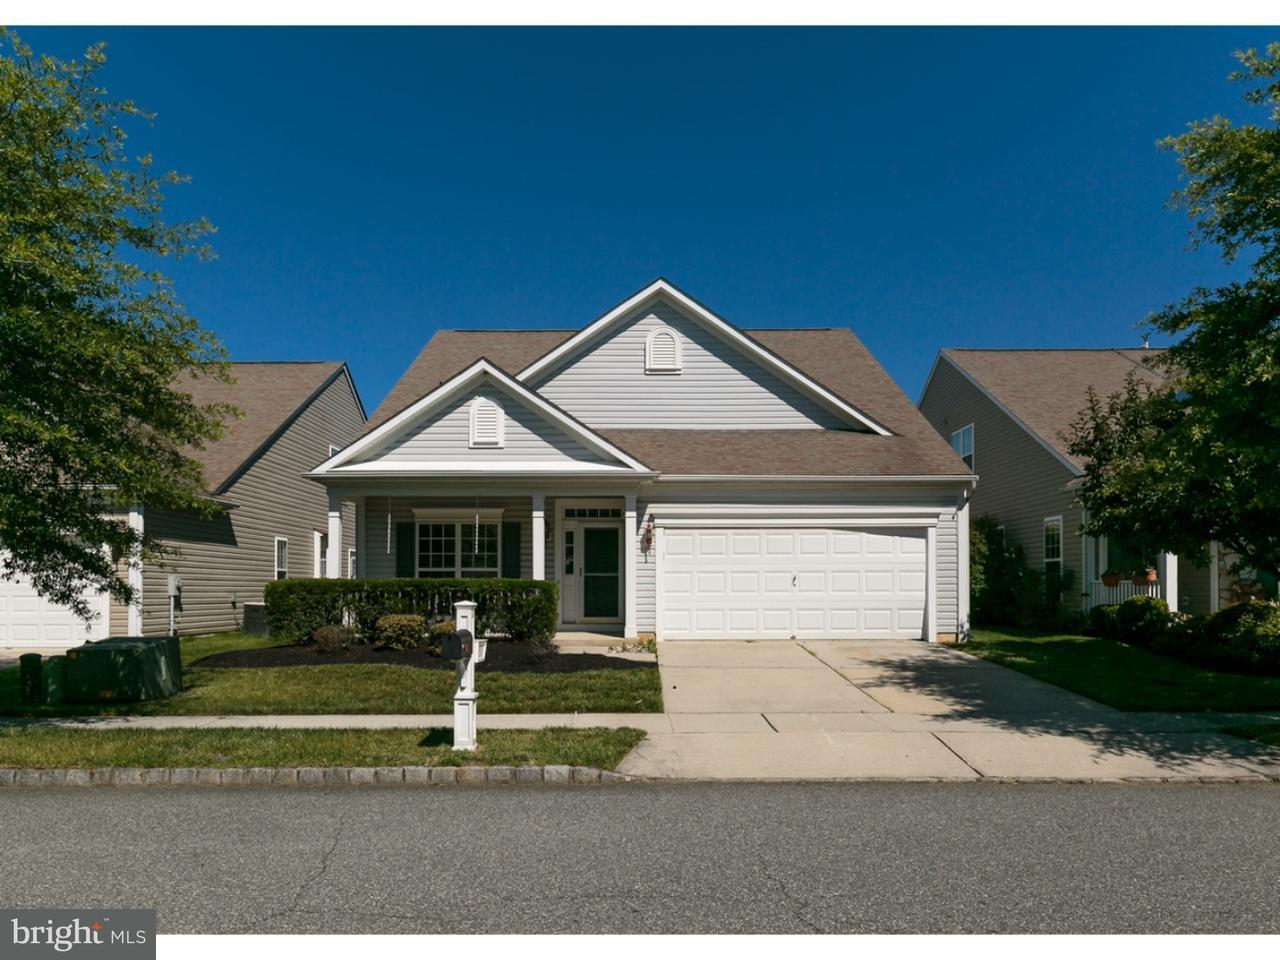 Casa Unifamiliar por un Venta en 14 WOLVERTON Place Riverside, Nueva Jersey 08075 Estados Unidos